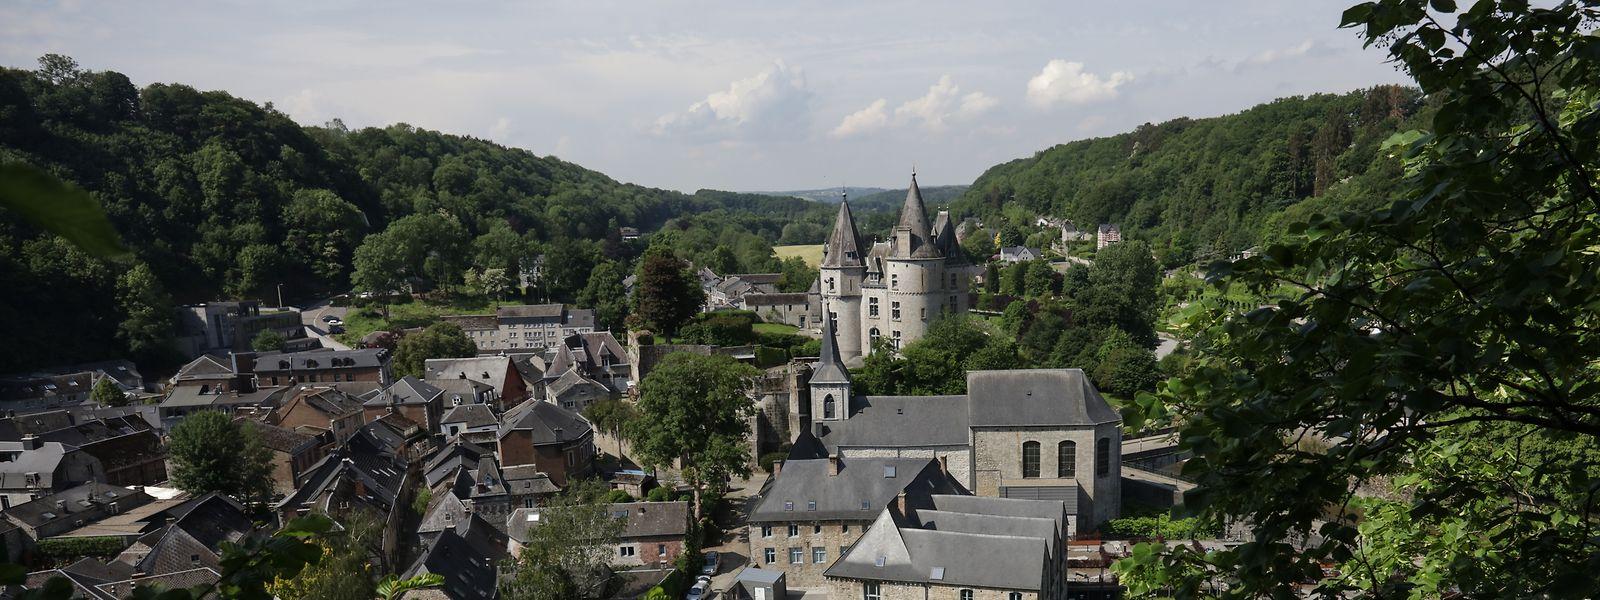 Durbuy liegt malerisch in den Ardennen und lohnt sich für einen Tagesausflug.